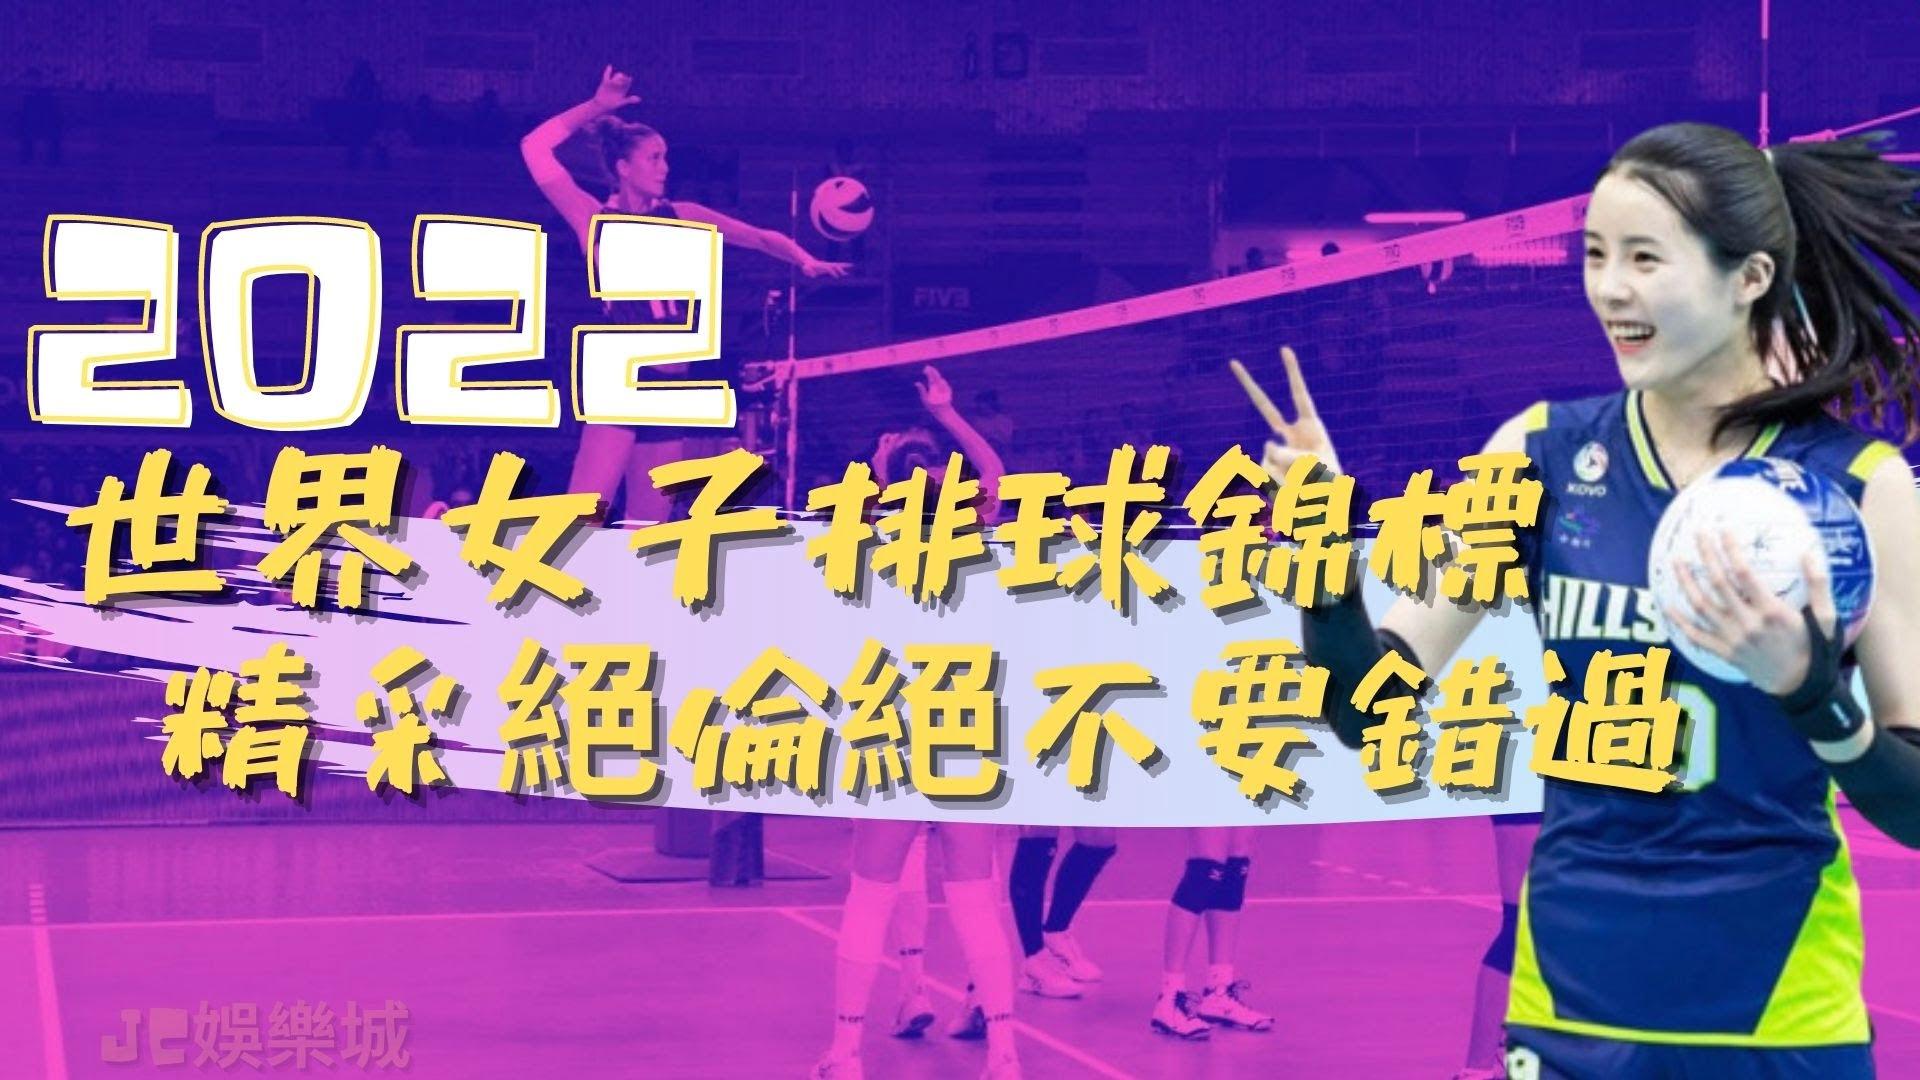 2022最新【世界女子排球錦標賽】參賽隊伍出爐!女子排球直播這裡看!